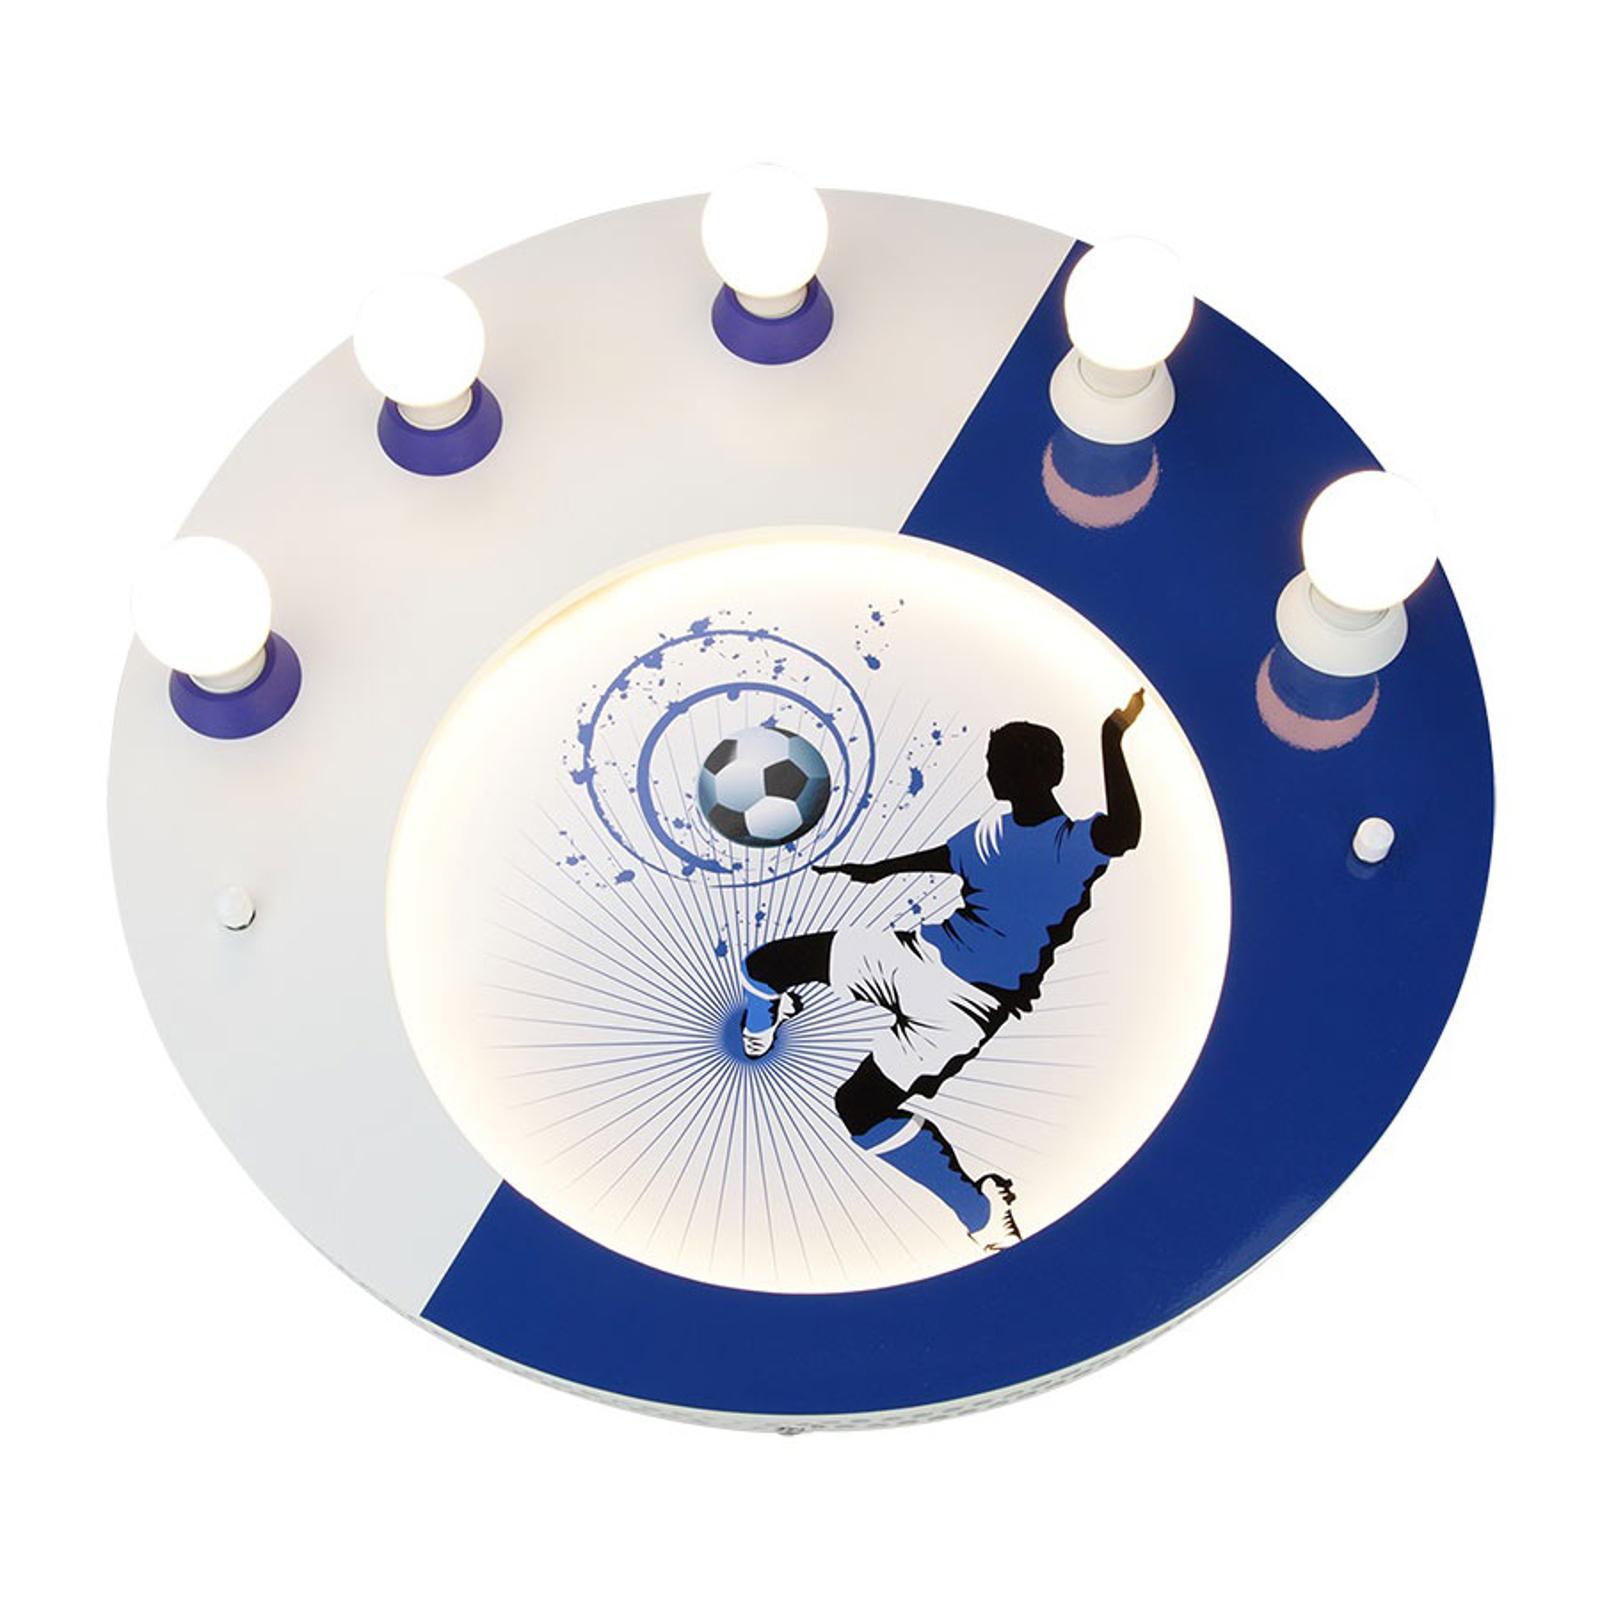 Taklampa Soccer, 5 lampor, blå-vit